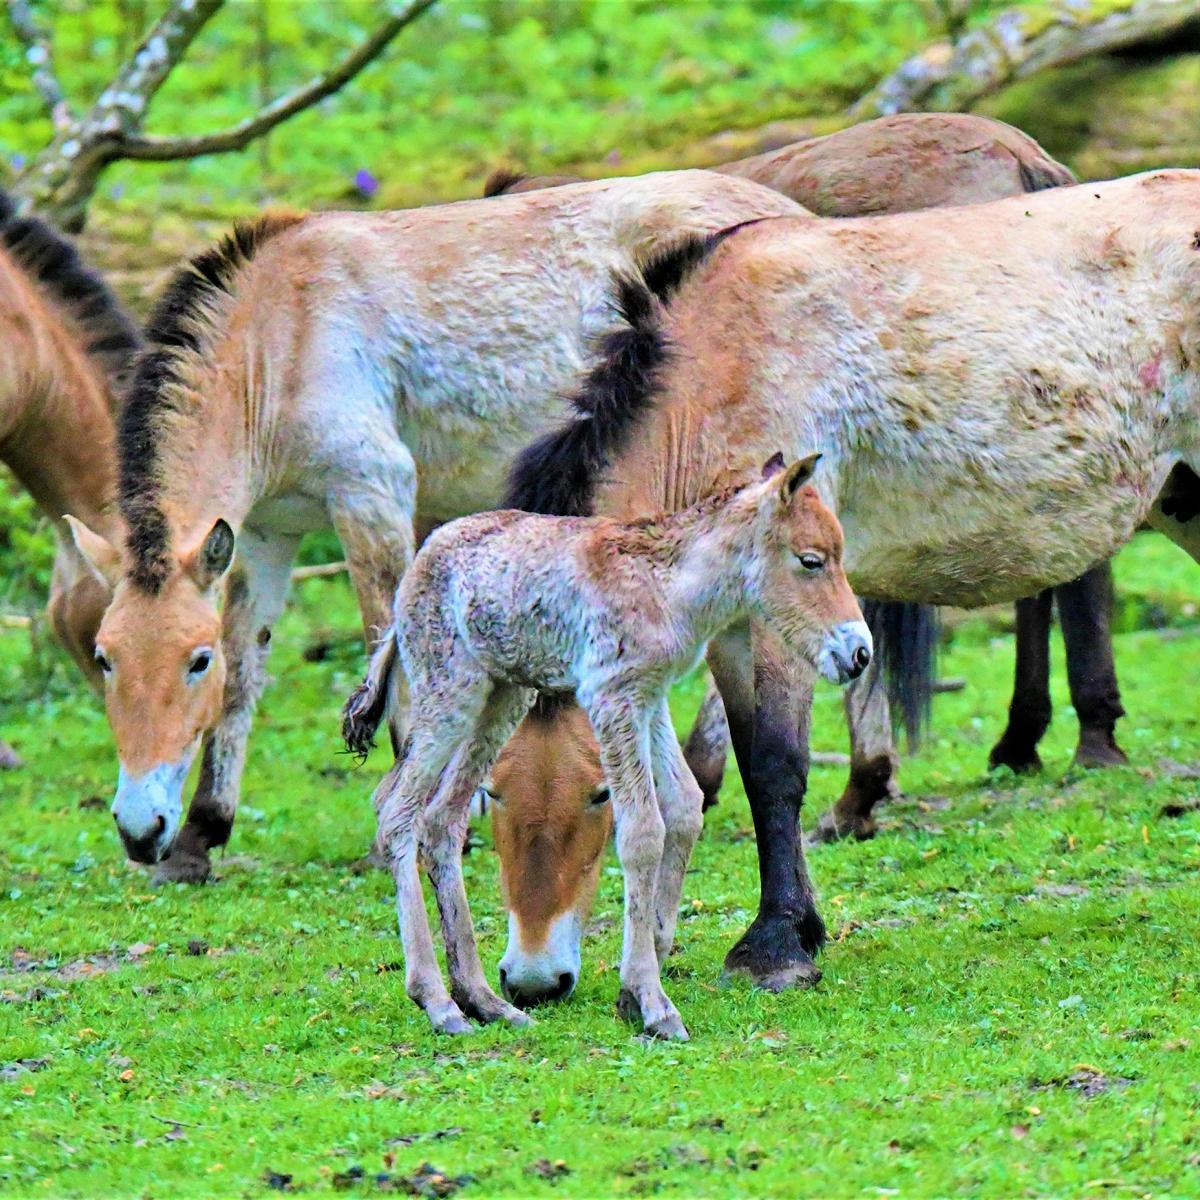 Style Hannover Wisentgehege Springe Wildpferde INSTA - Wisentgehege Springe - Wo das Herz der Natur schlägt